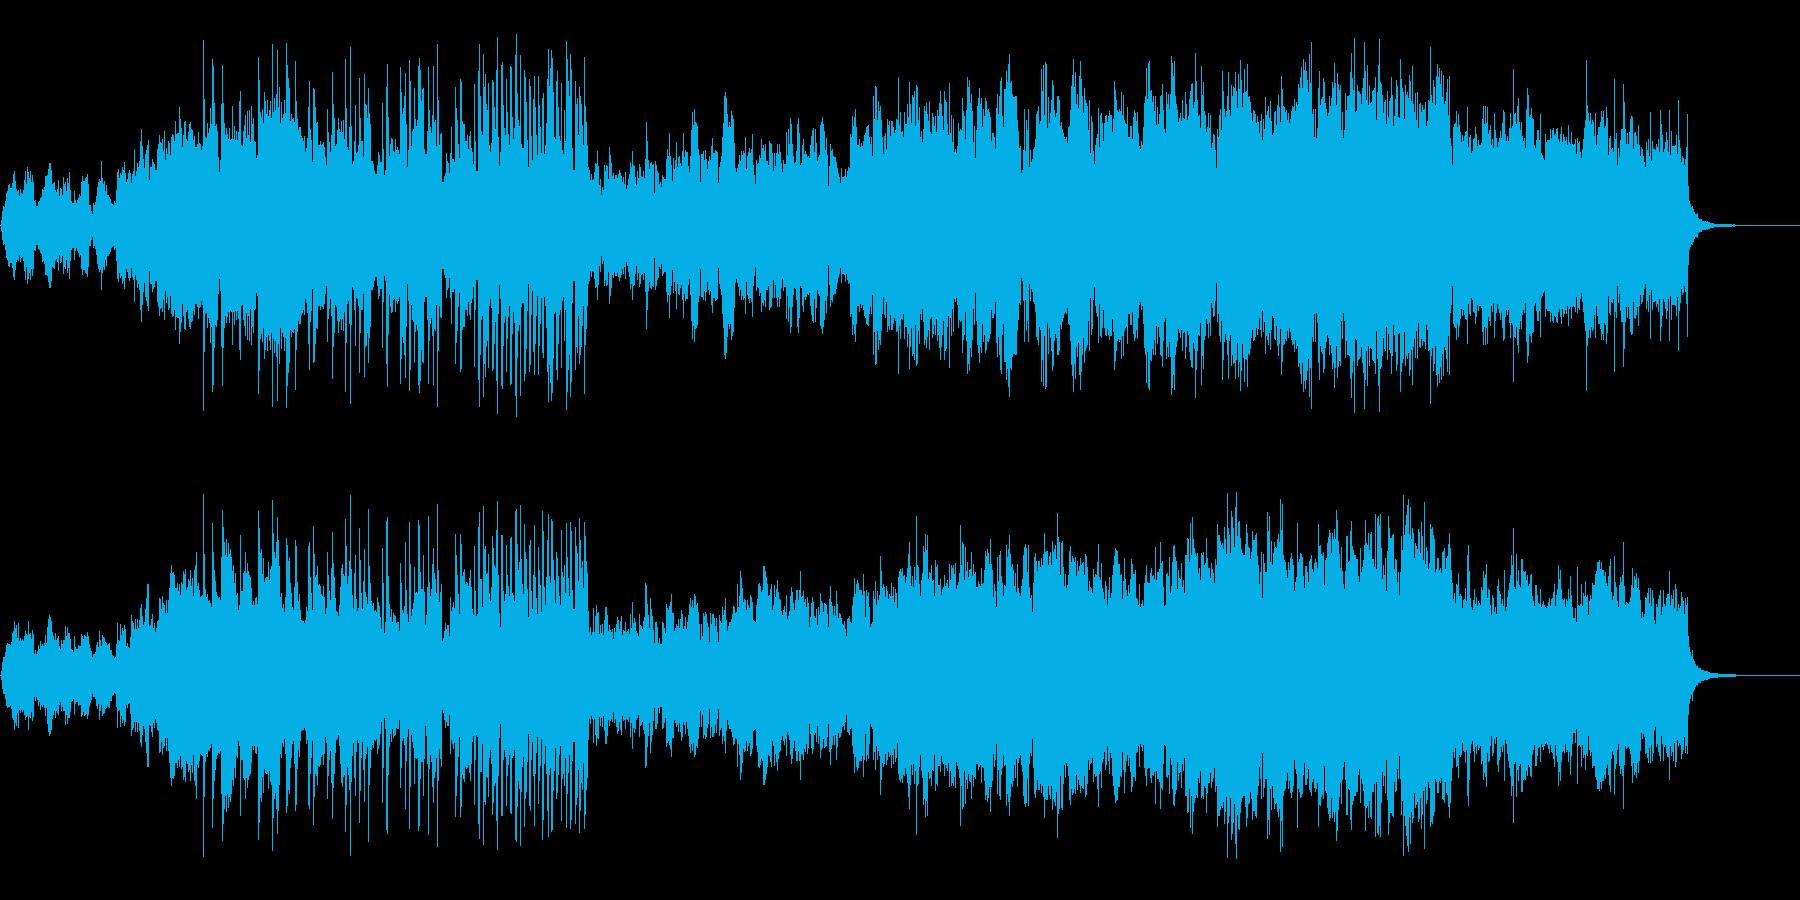 バイオリンとフルートの優しいバラードの再生済みの波形